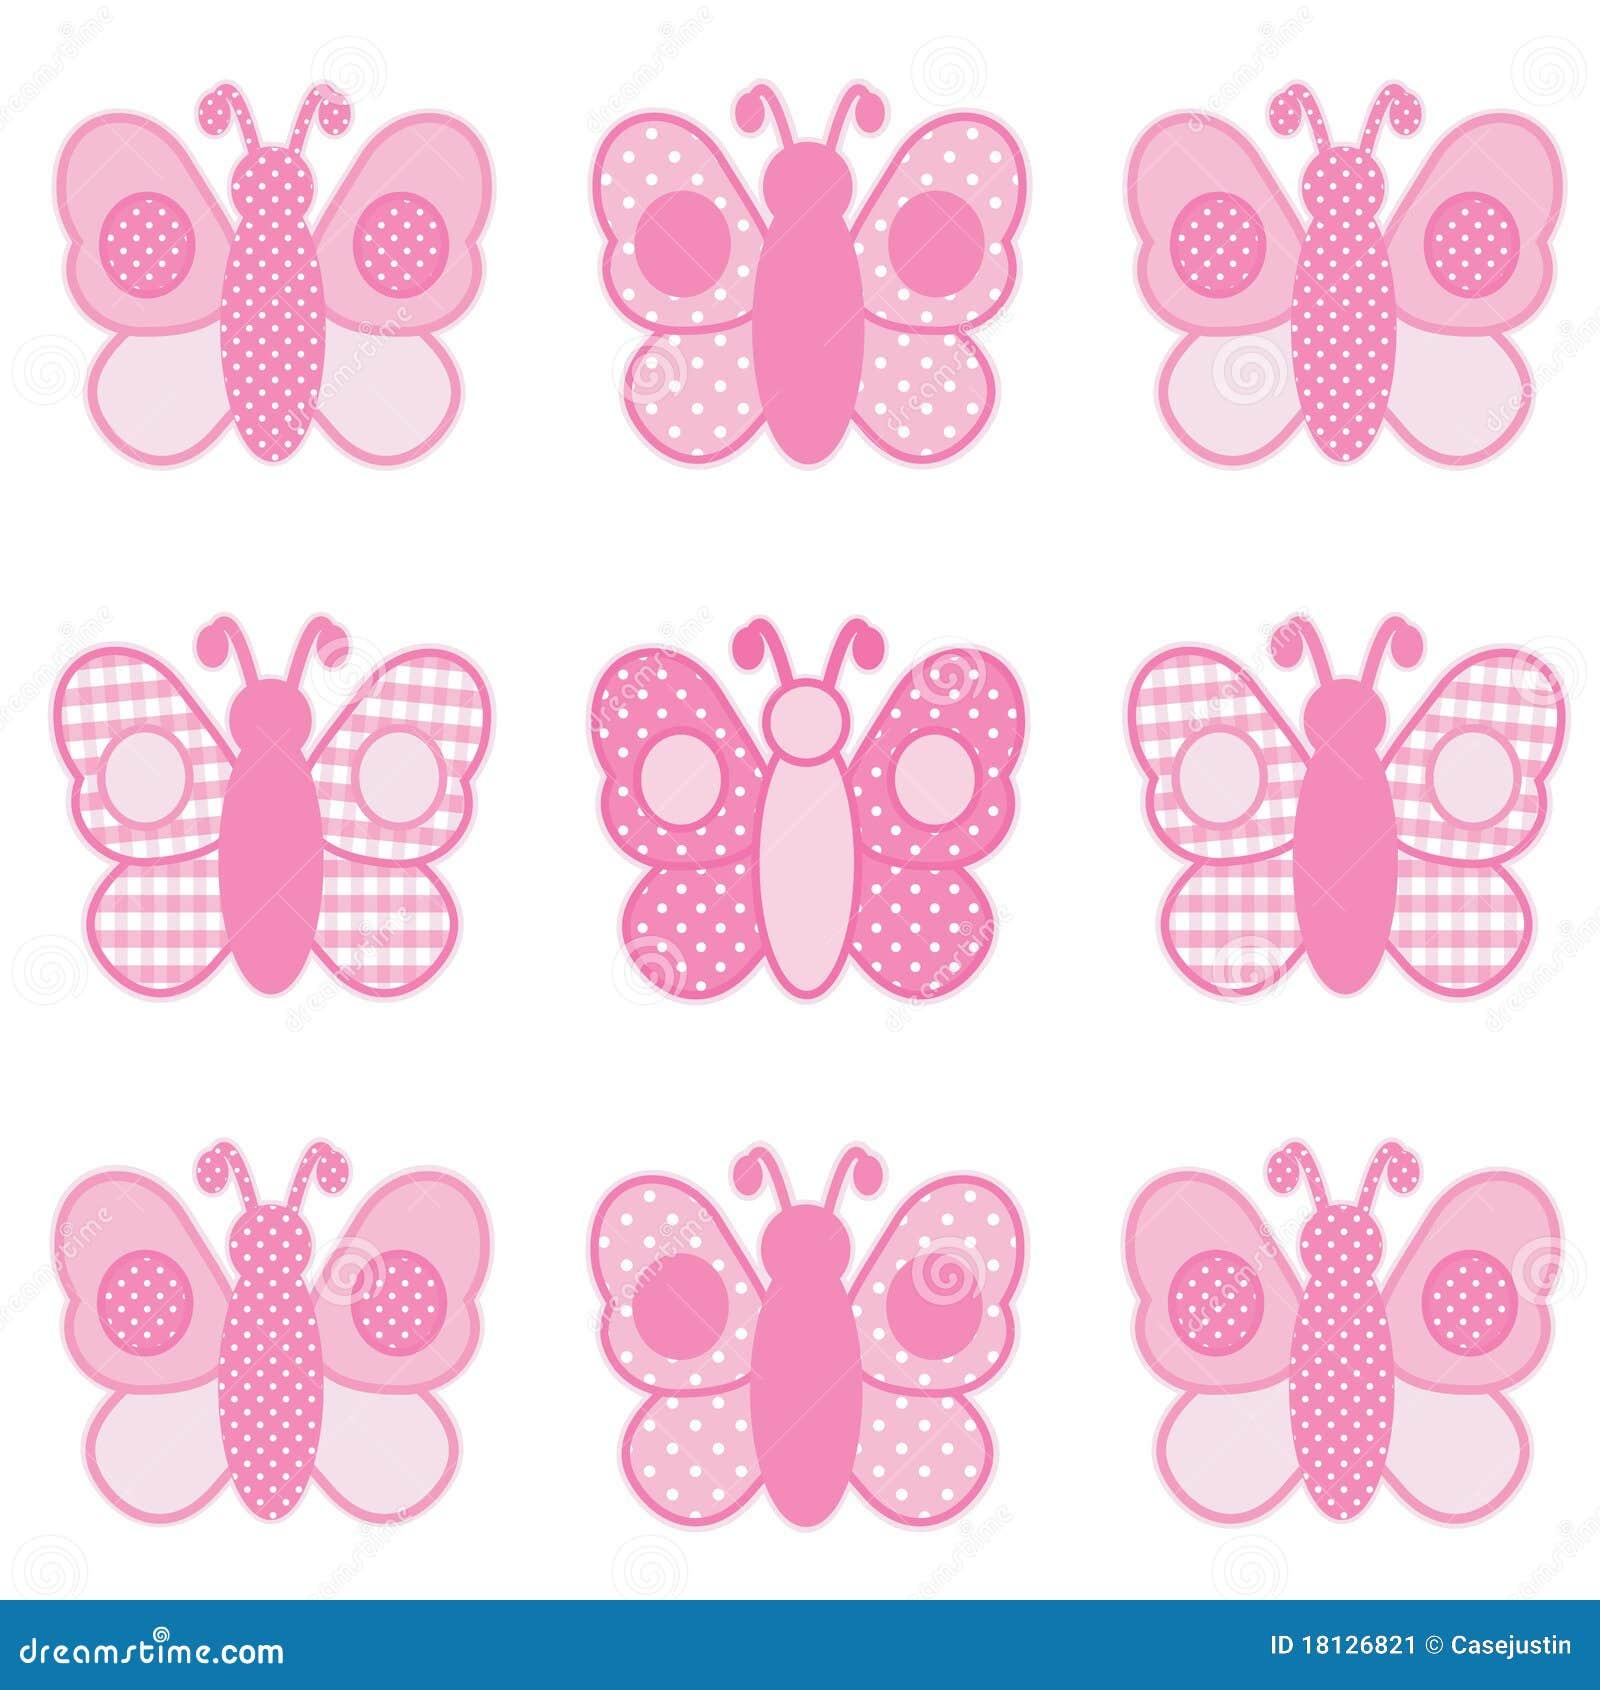 Mariposas Rosadas Imagen de archivo libre de regalías - Imagen ...